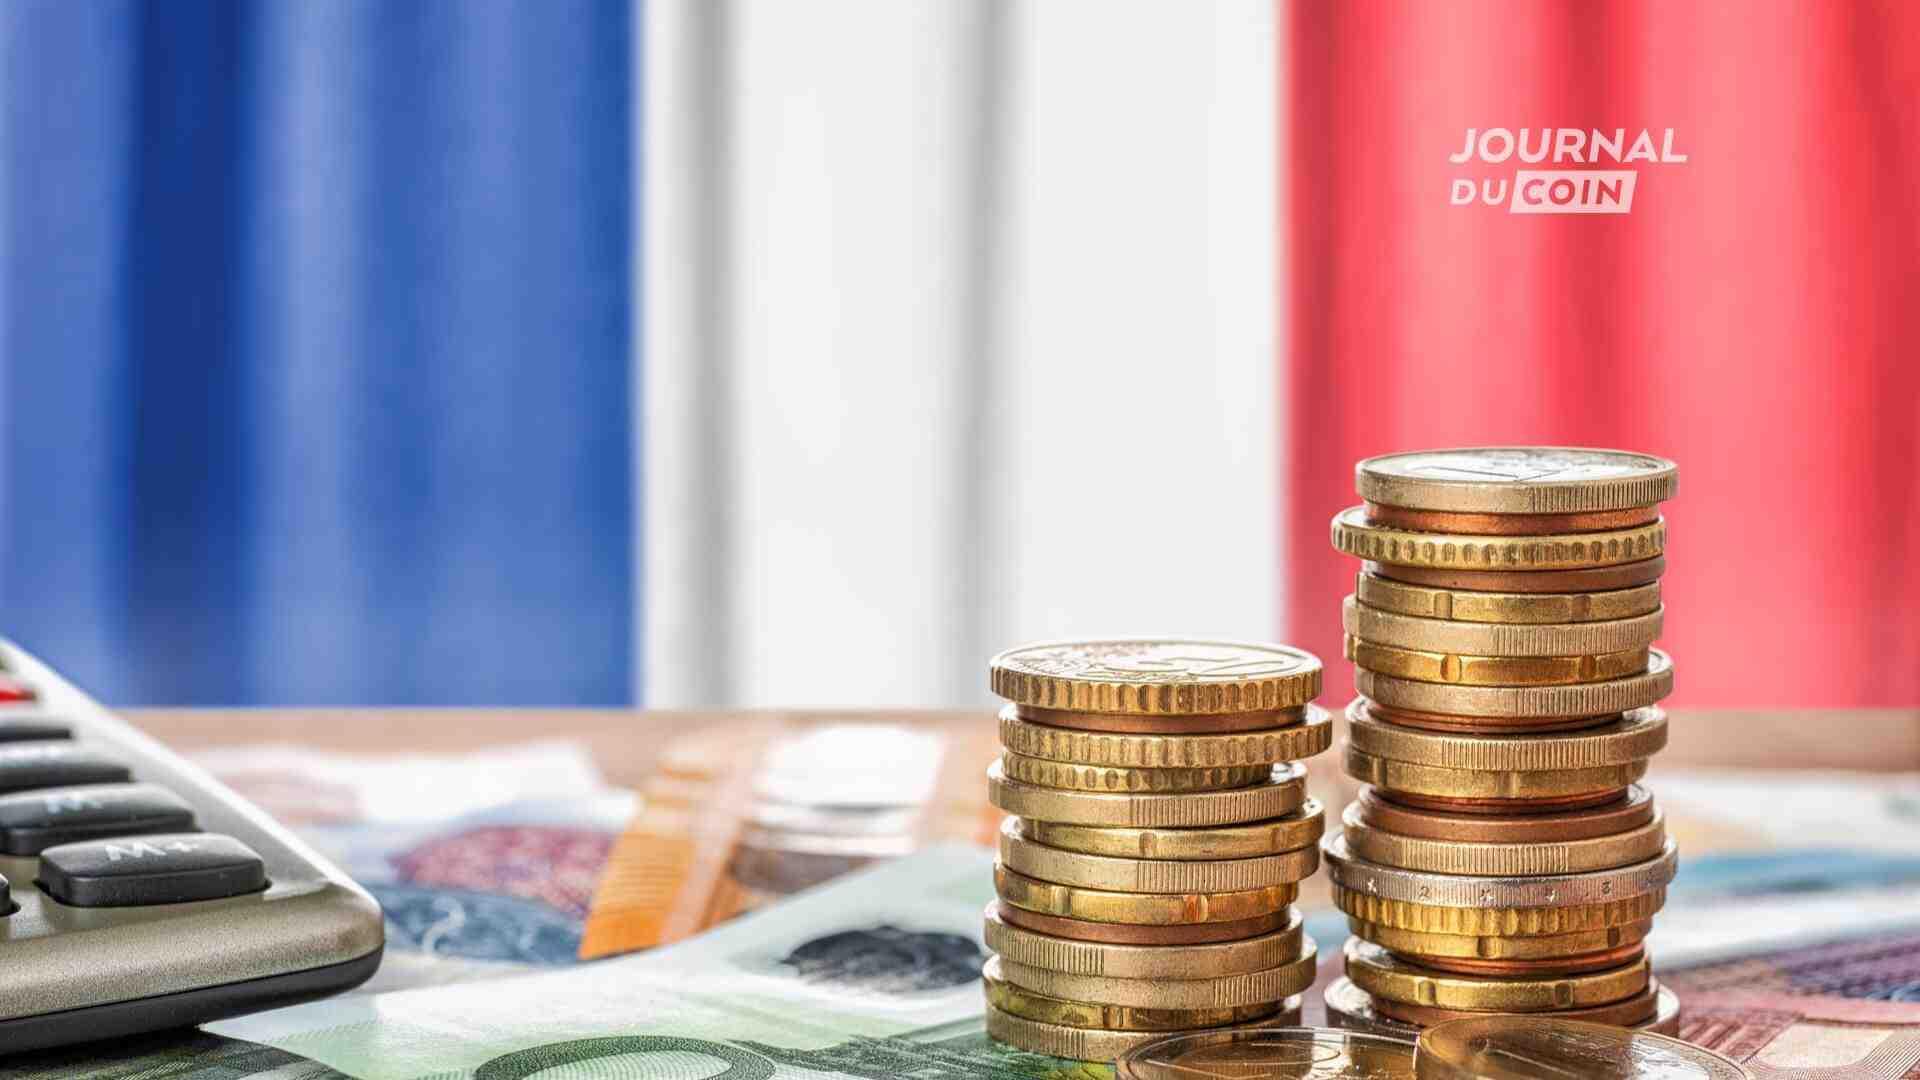 Les plus-values générées par des cryptomonnaies sont soumises au prélèvement forfaitaire unique de 30%. Une taxe que les investisseurs peuvent facilement éviter grâce à une astuce.